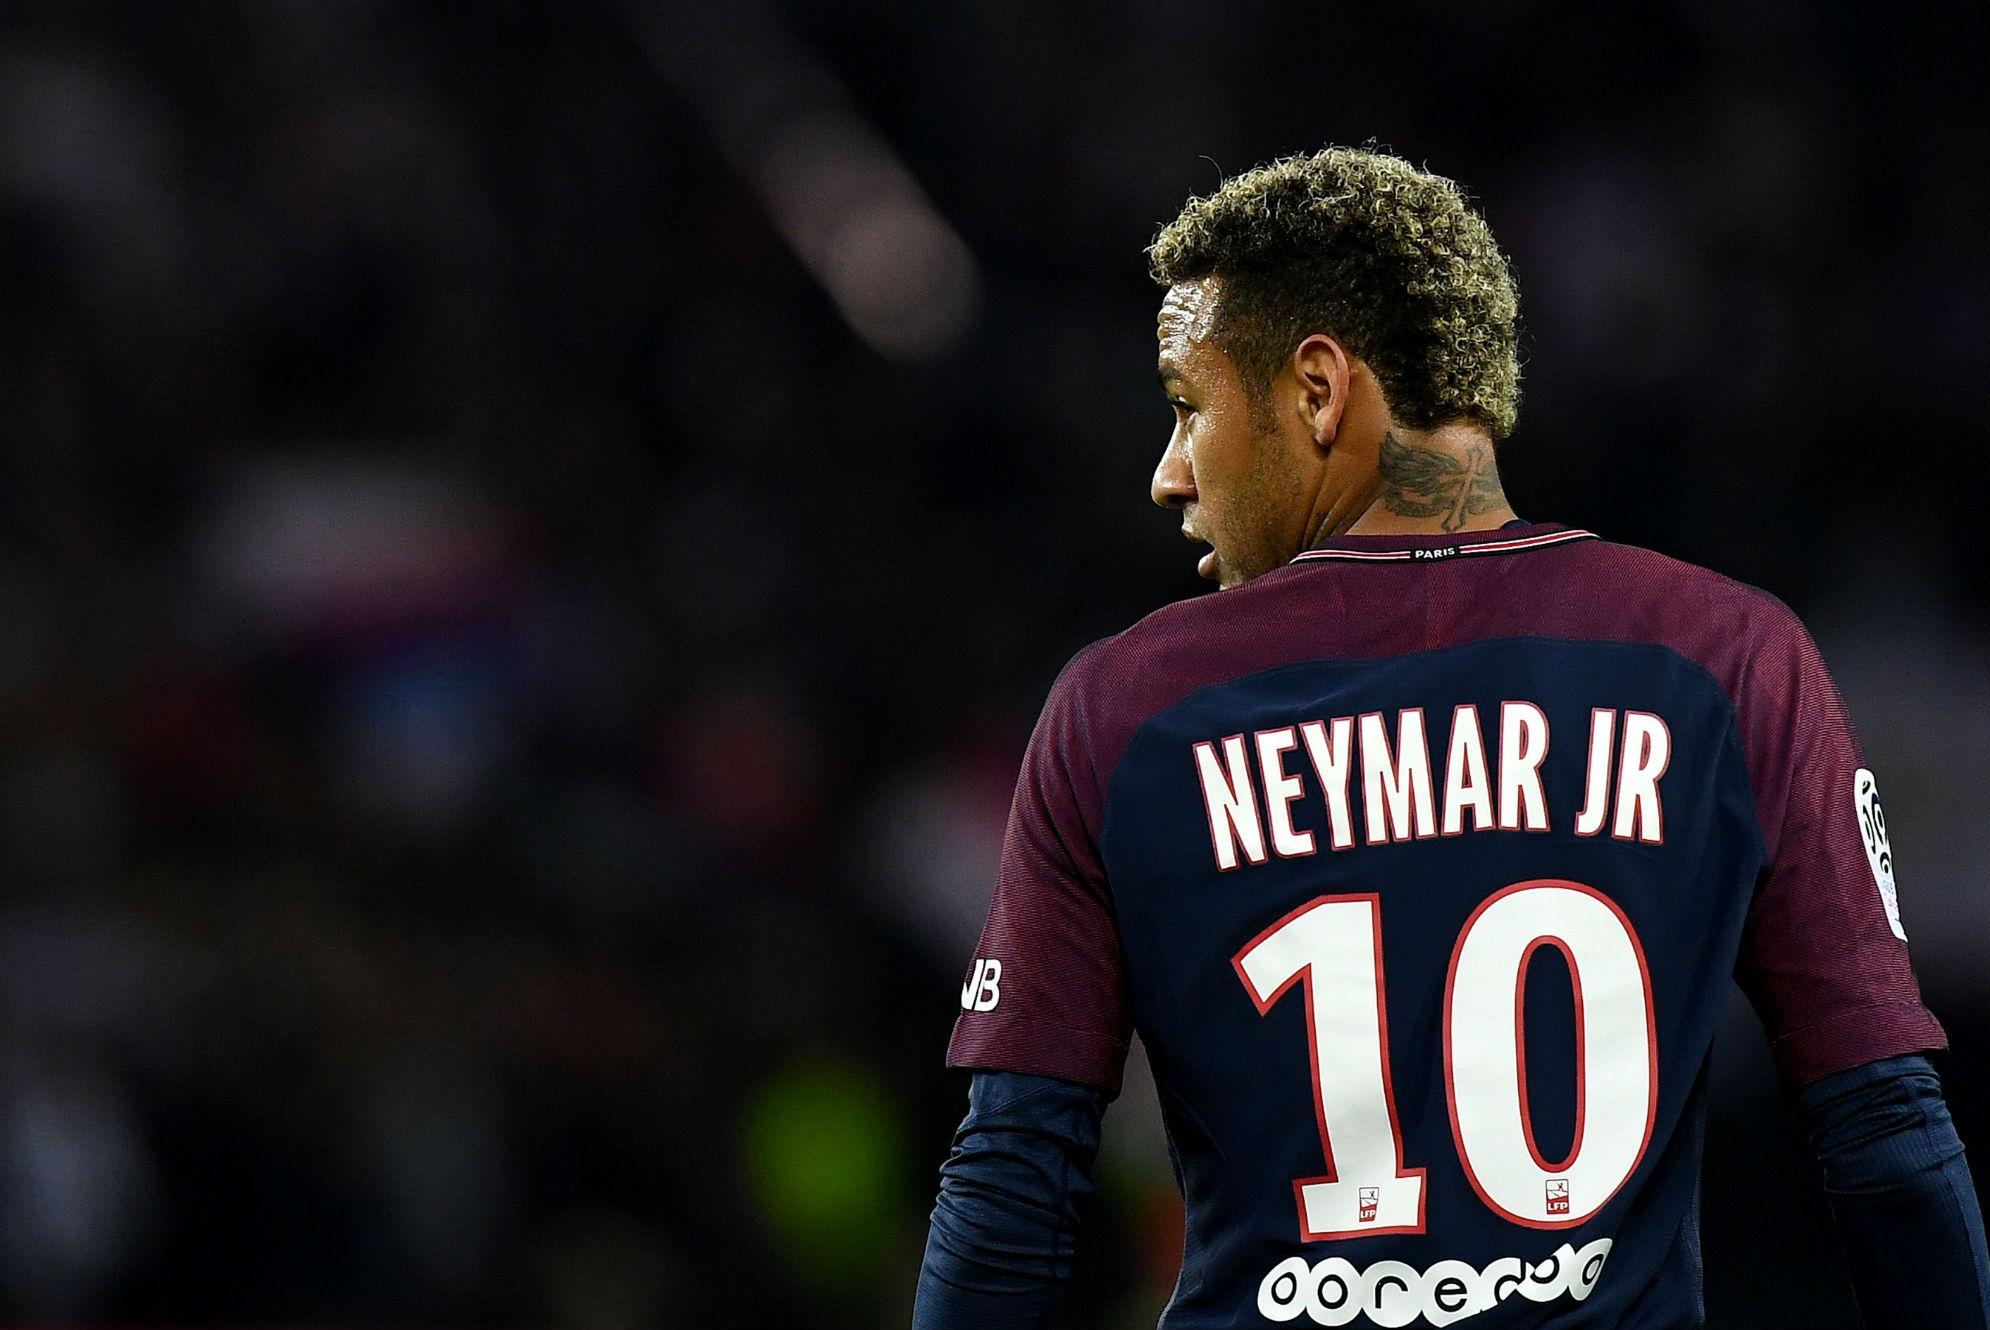 Mercato - Le Real Madrid a perdu ses chances avec Neymar suite aux départs de Zidane et Cristiano Ronaldo, selon Mundo Deportivo